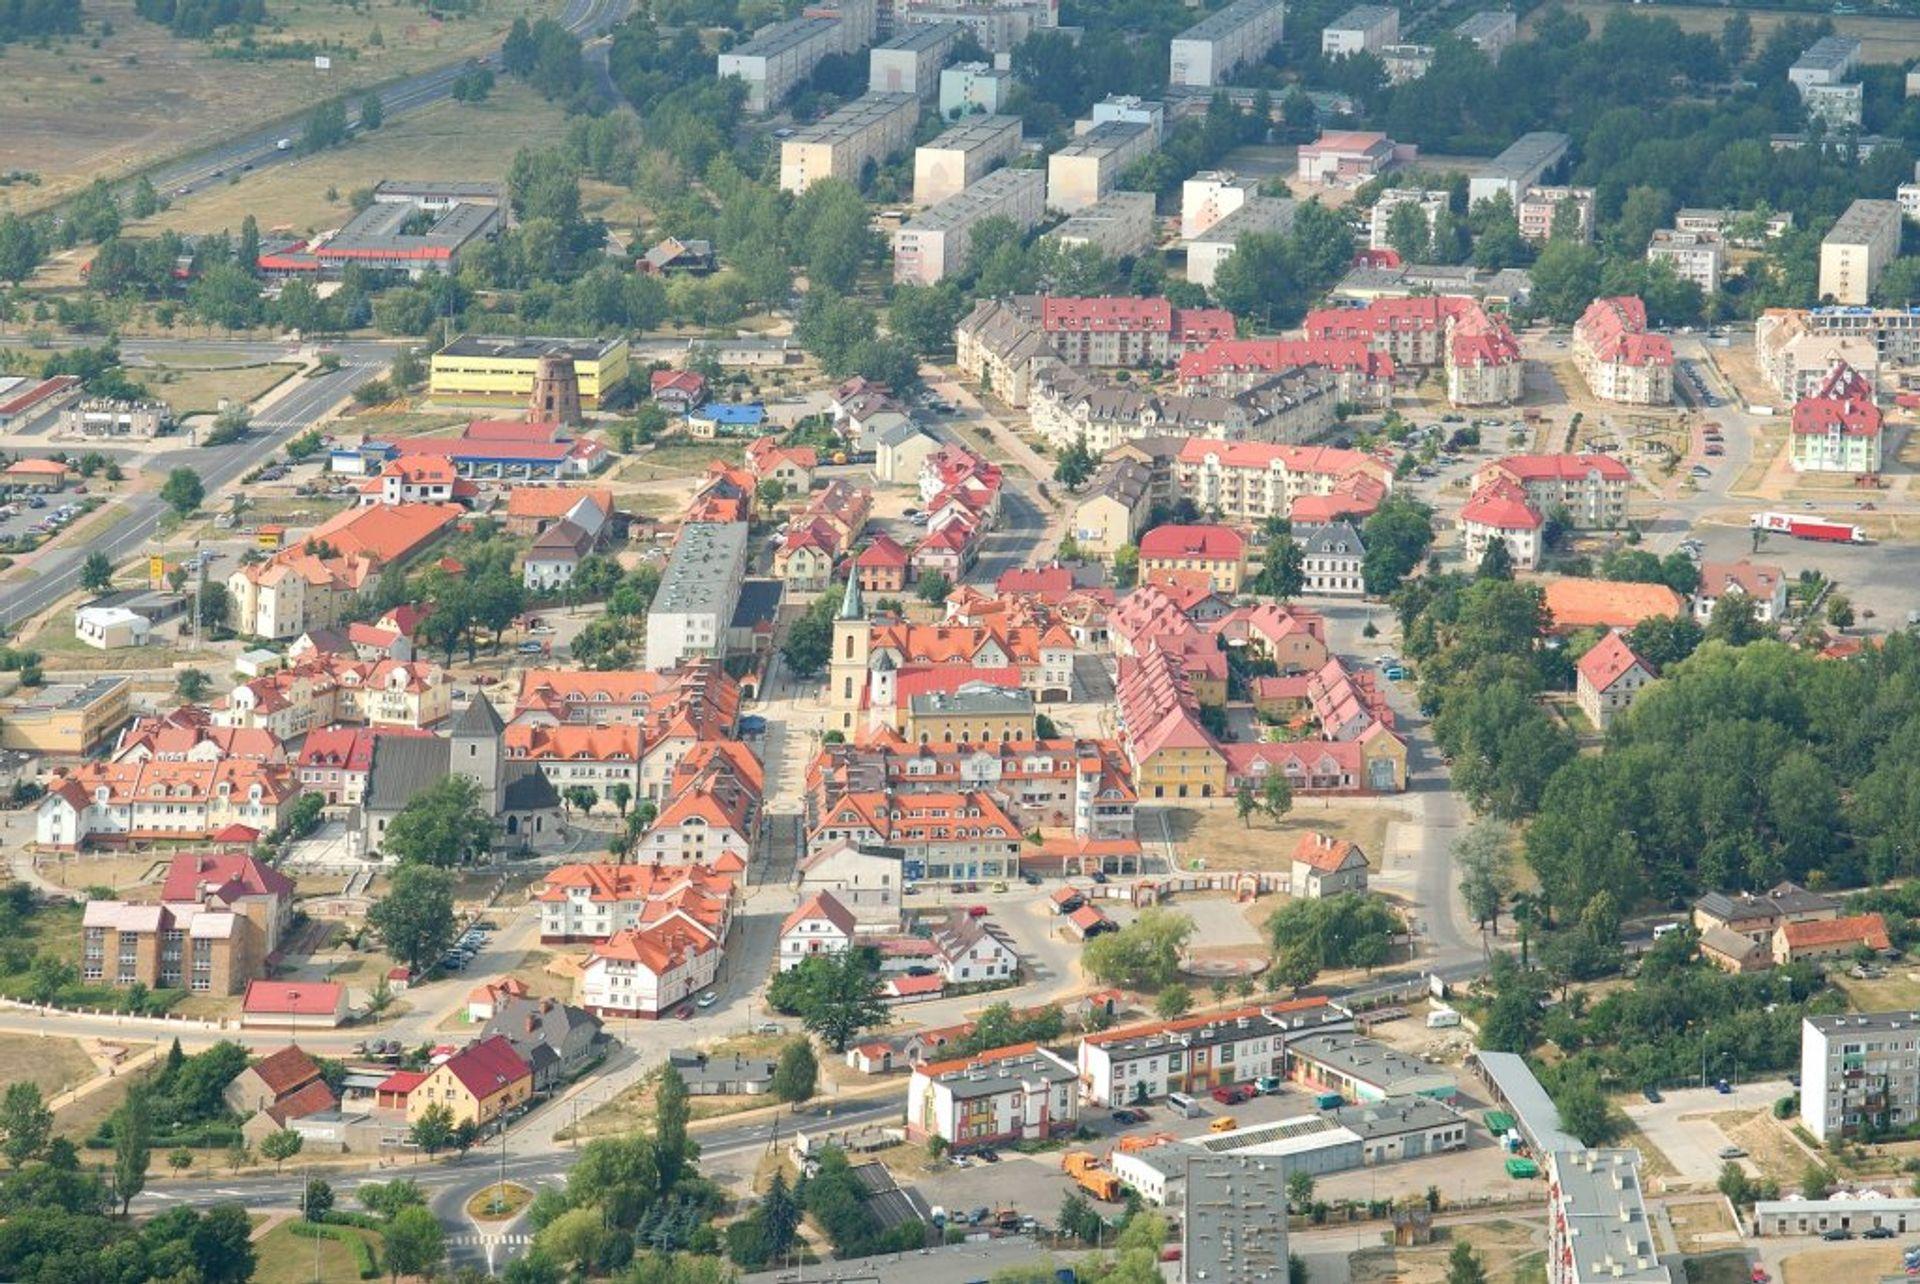 [Dolny Śląsk] Polkowice będą większe. Miasto chce przeznaczyć 100 hektarów pod budownictwo mieszkaniowe